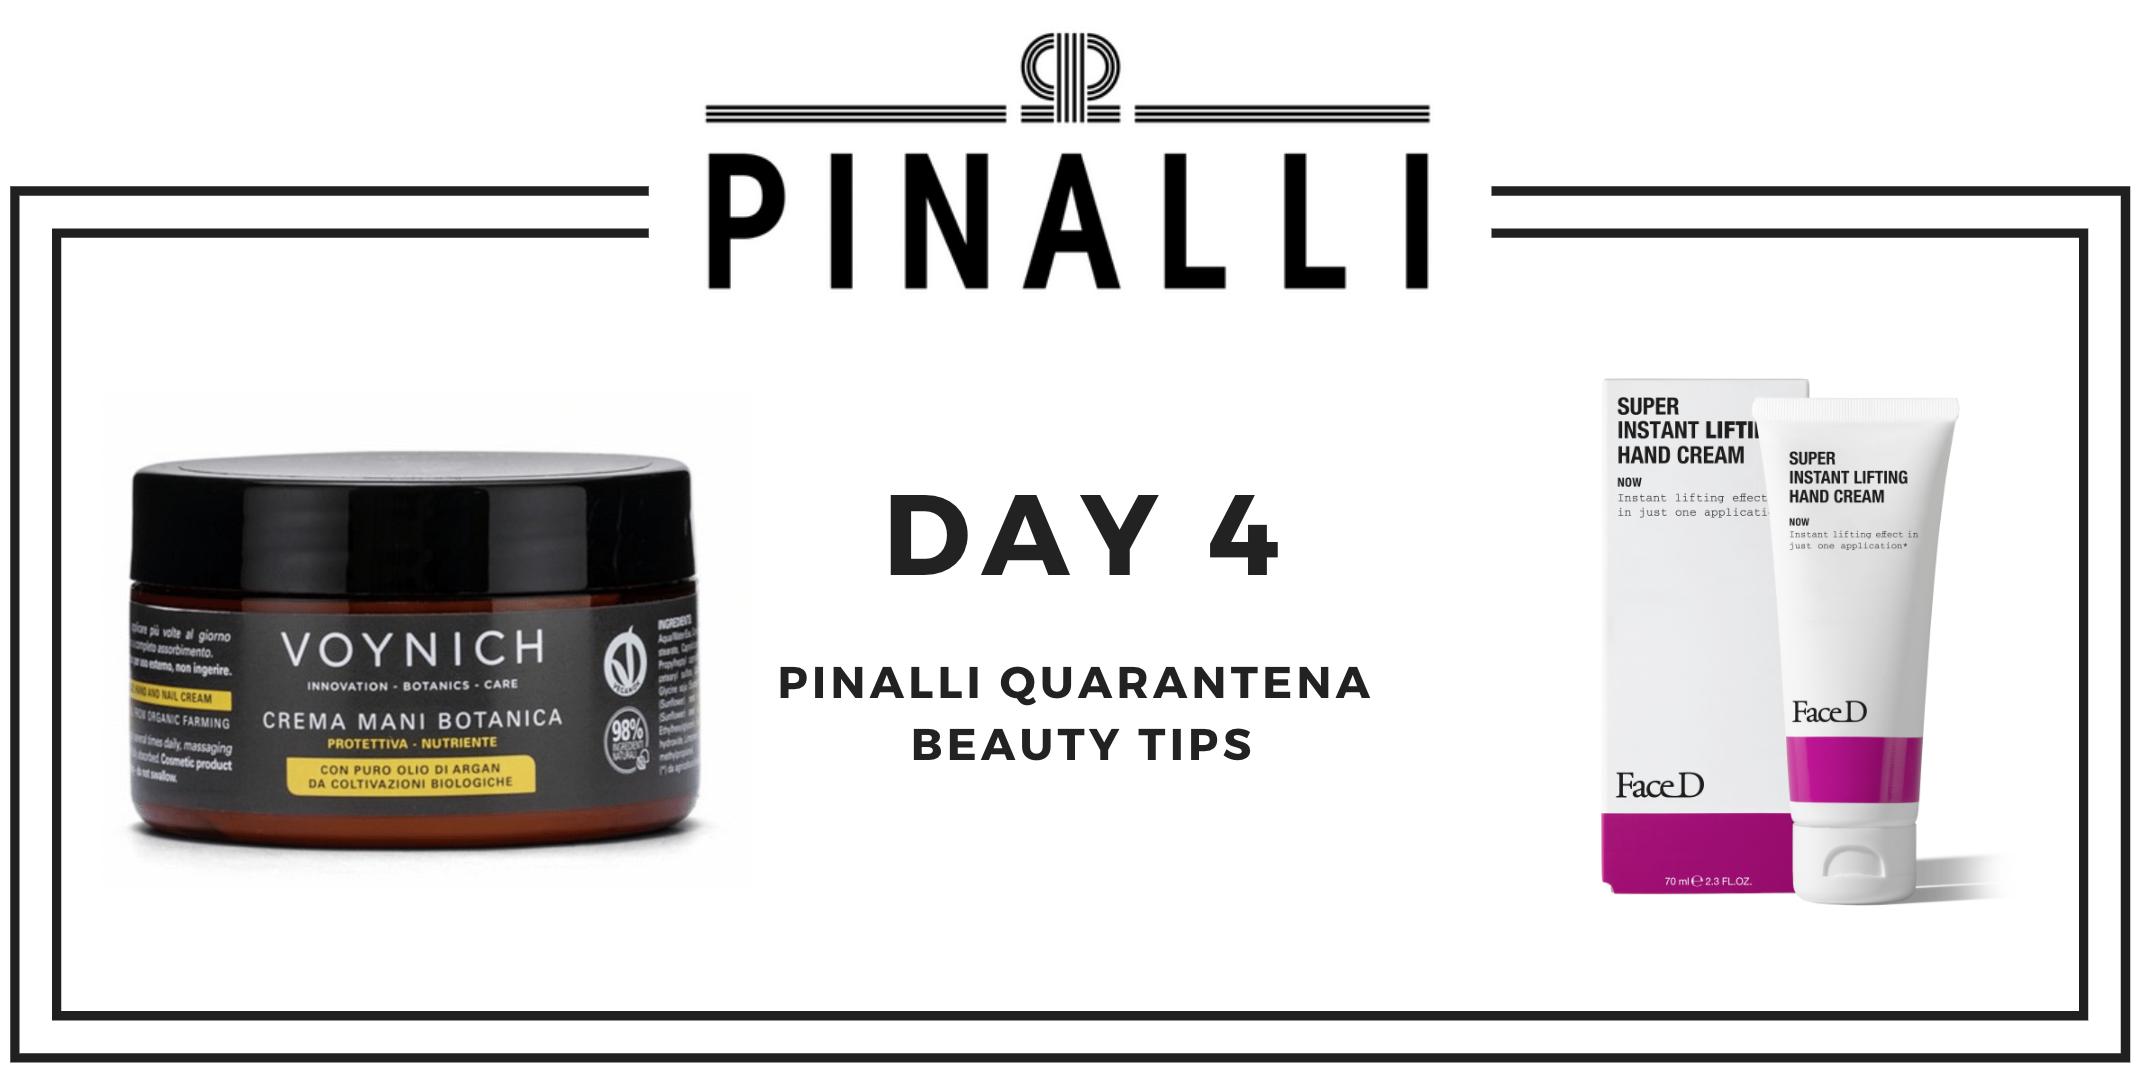 Pinalli Quarantena Beauty Tips_Day4